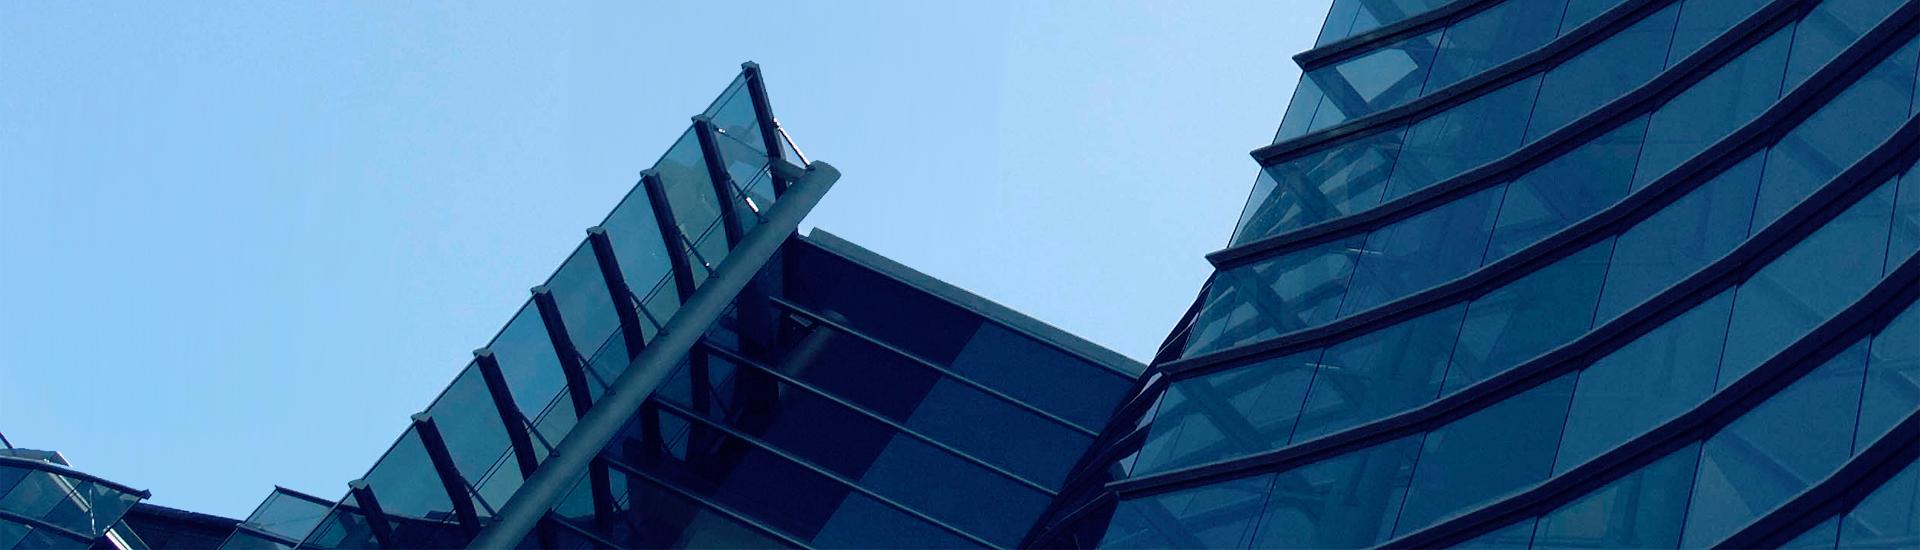 building-sky-04-04